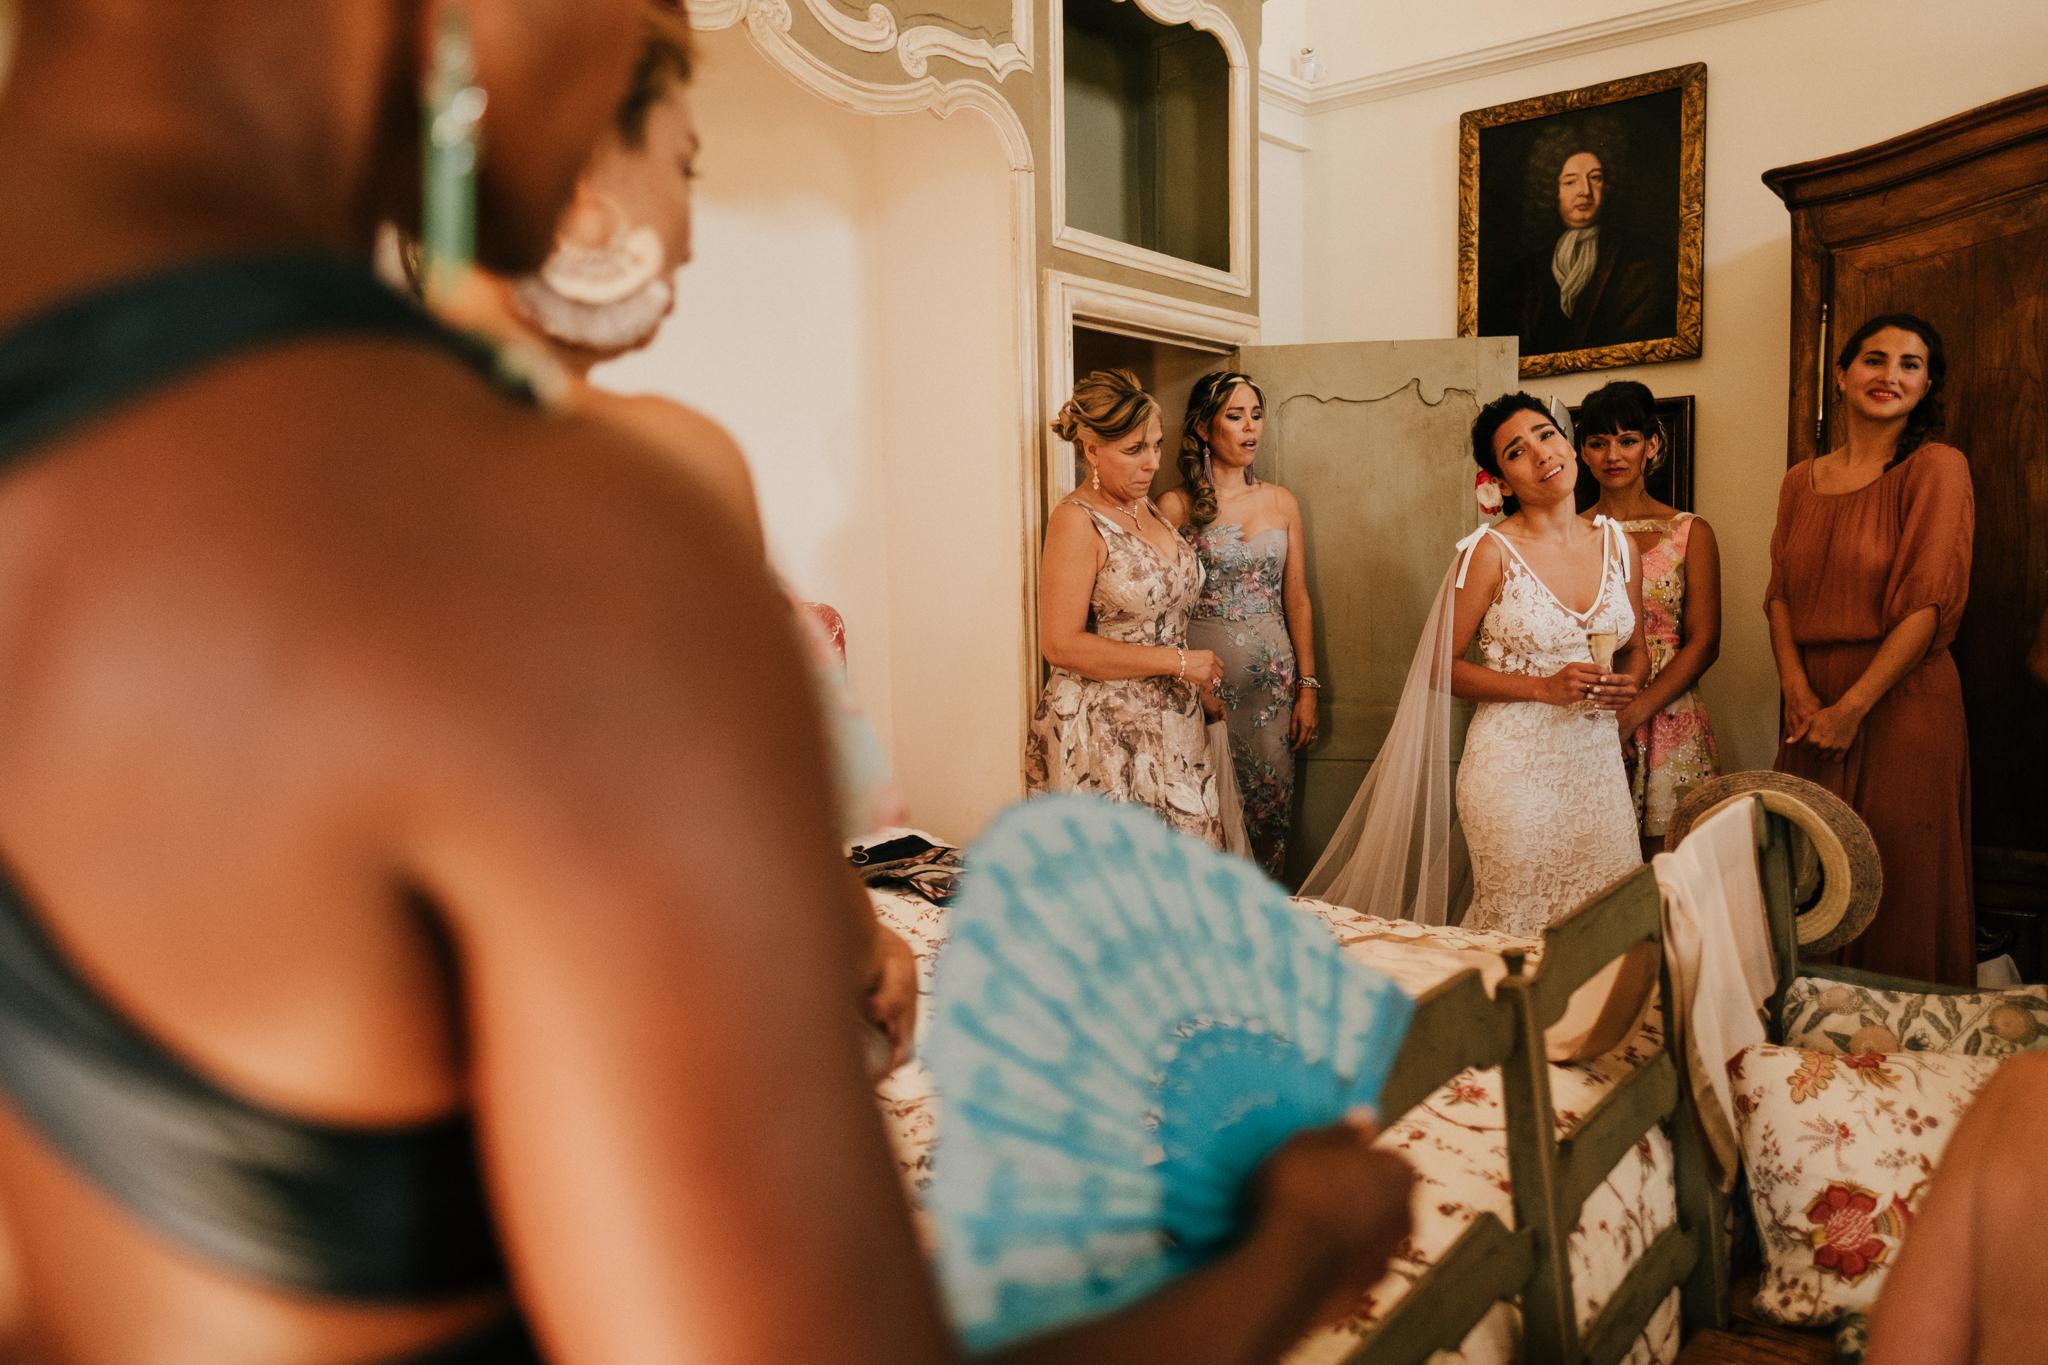 Fontaine-de-Saumane-South-of-France-Wedding-Photographer-donbringas